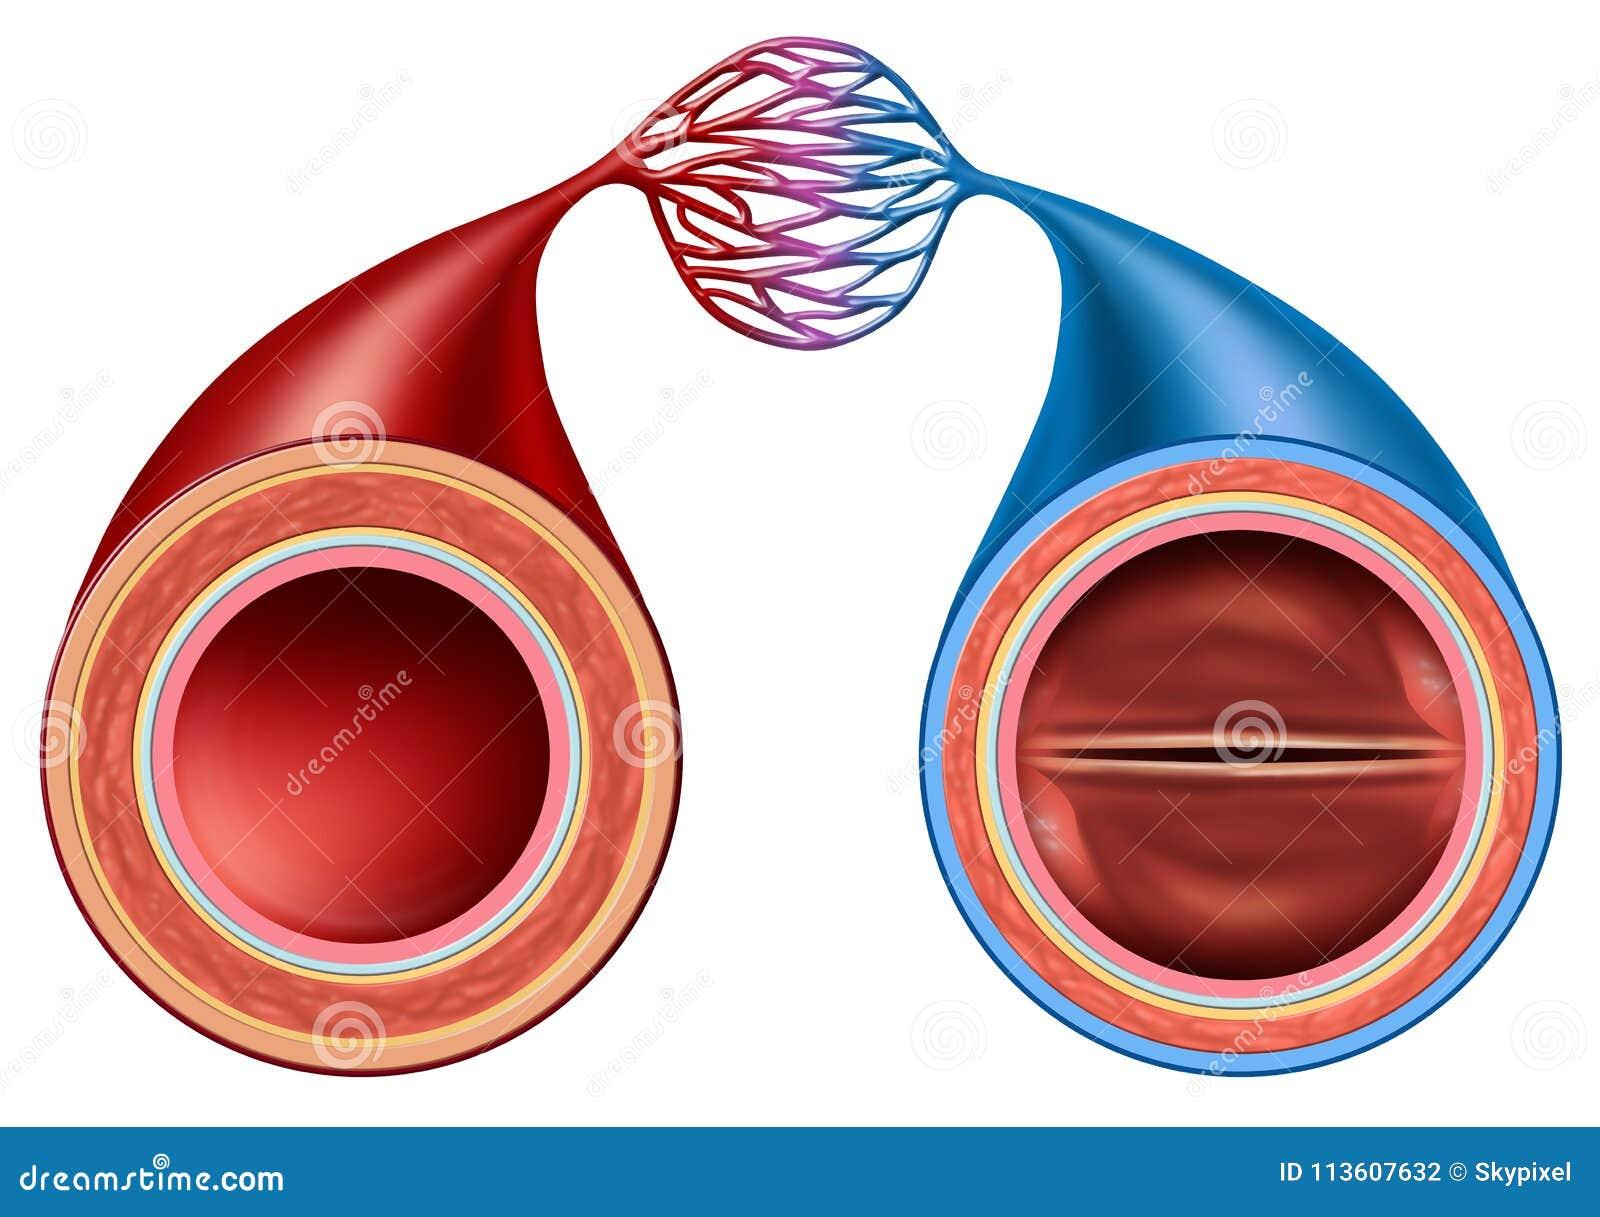 Arteria y vena